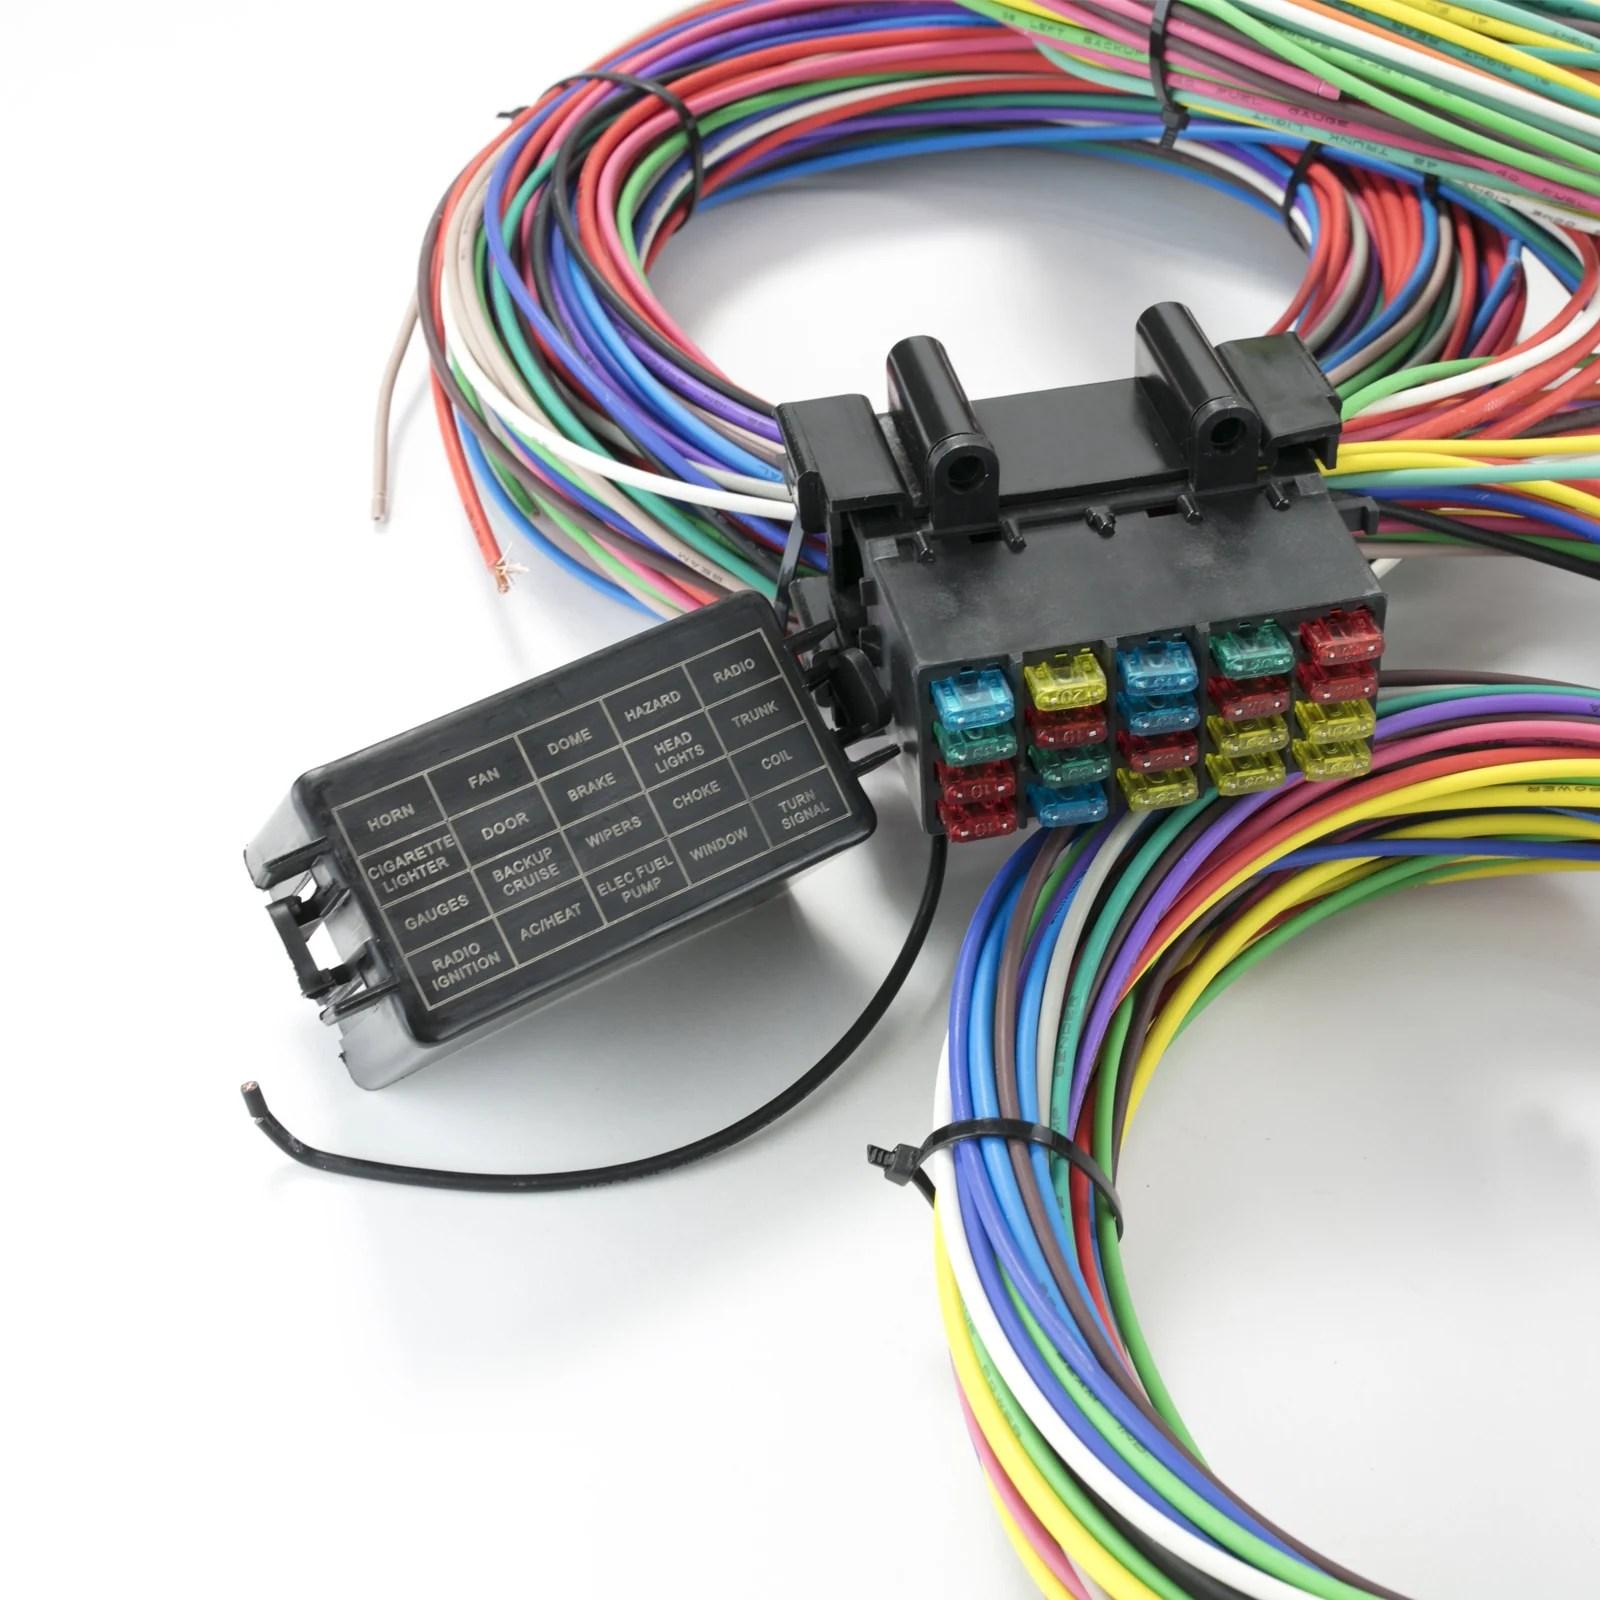 wiring harness universal 240z 260z 280z 510 [ 1600 x 1600 Pixel ]